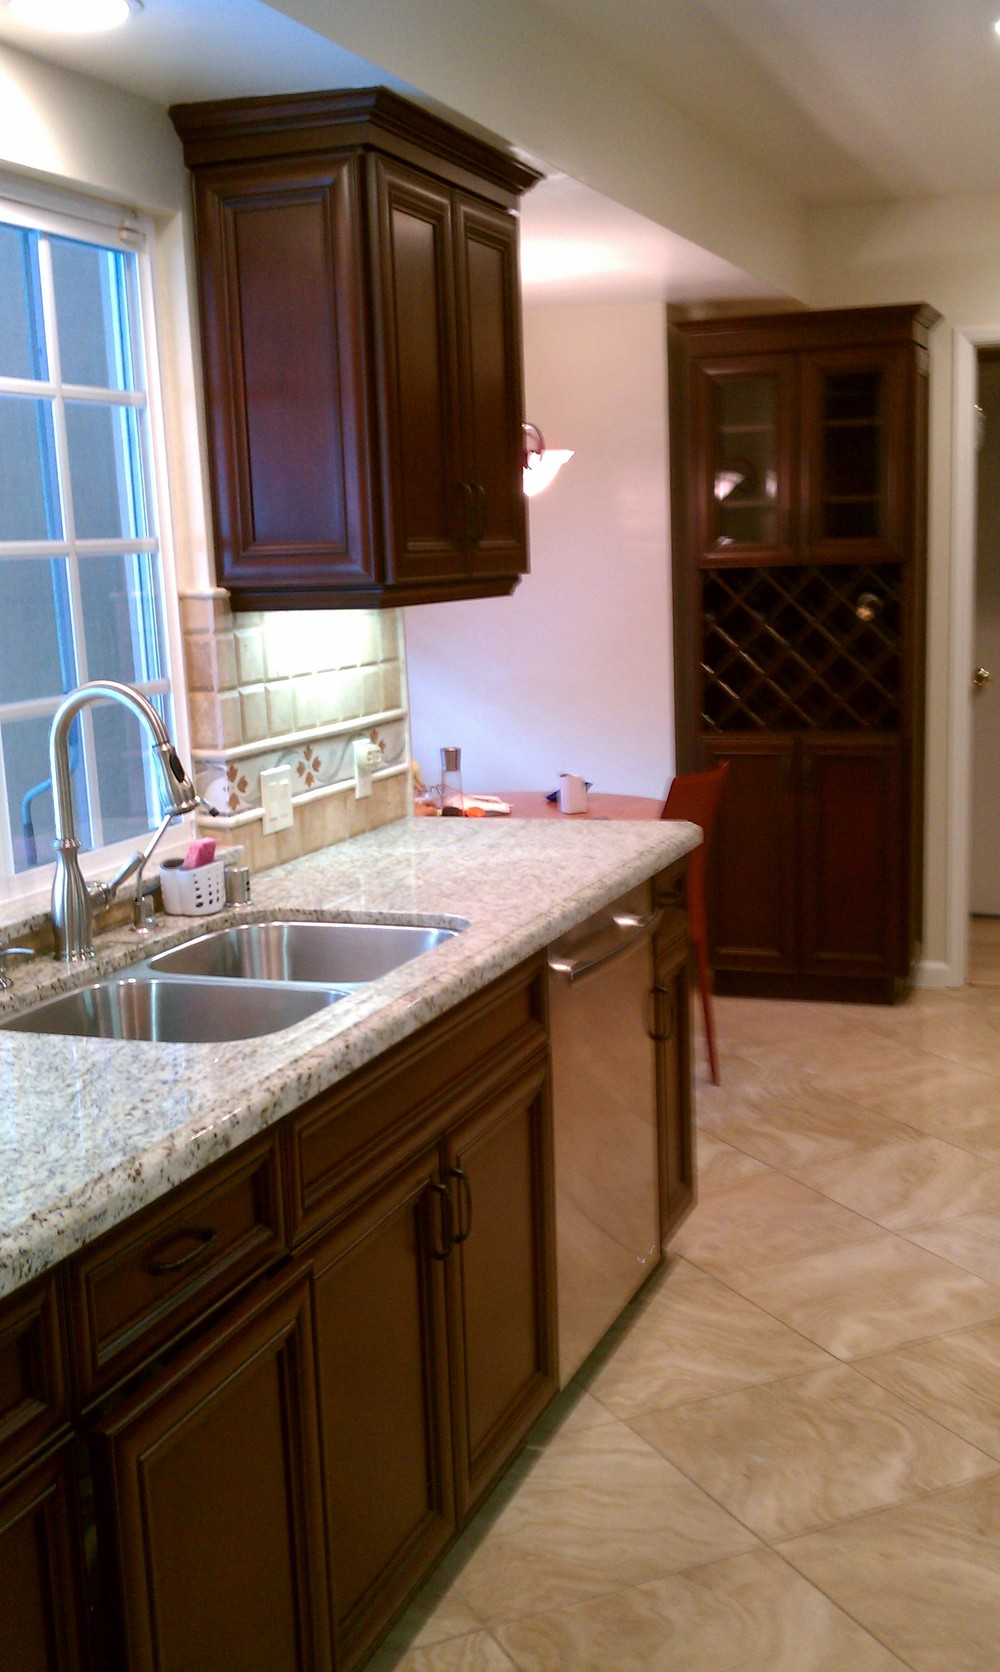 sink area - 2.jpg